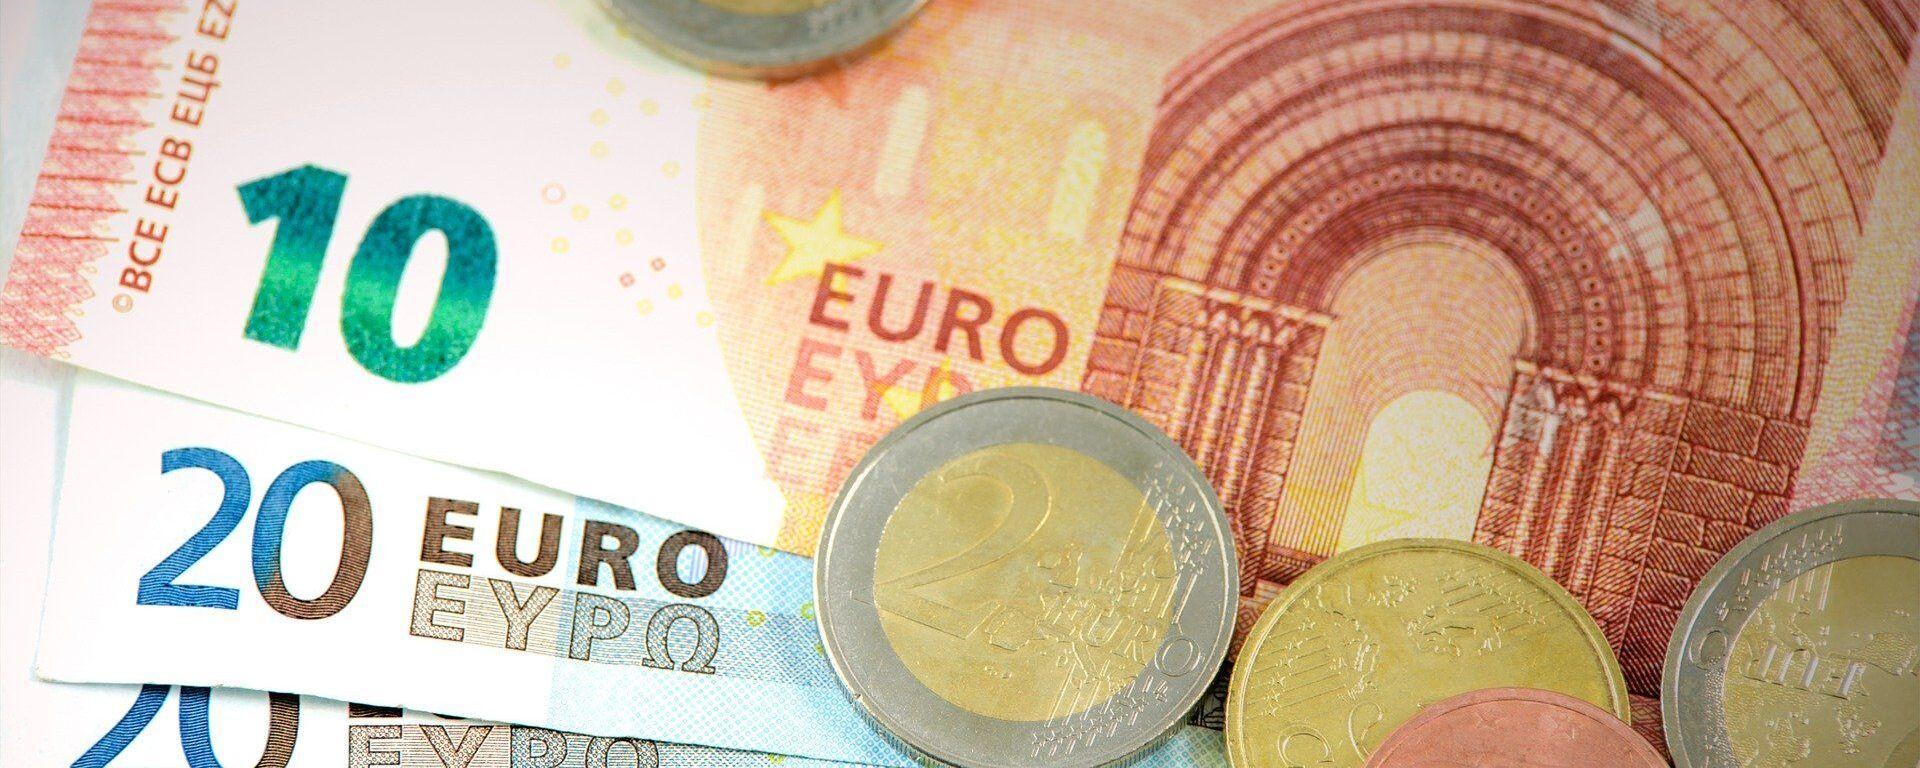 Billetes y monedas de euro (imagen referencial) - Sputnik Mundo, 1920, 27.08.2021